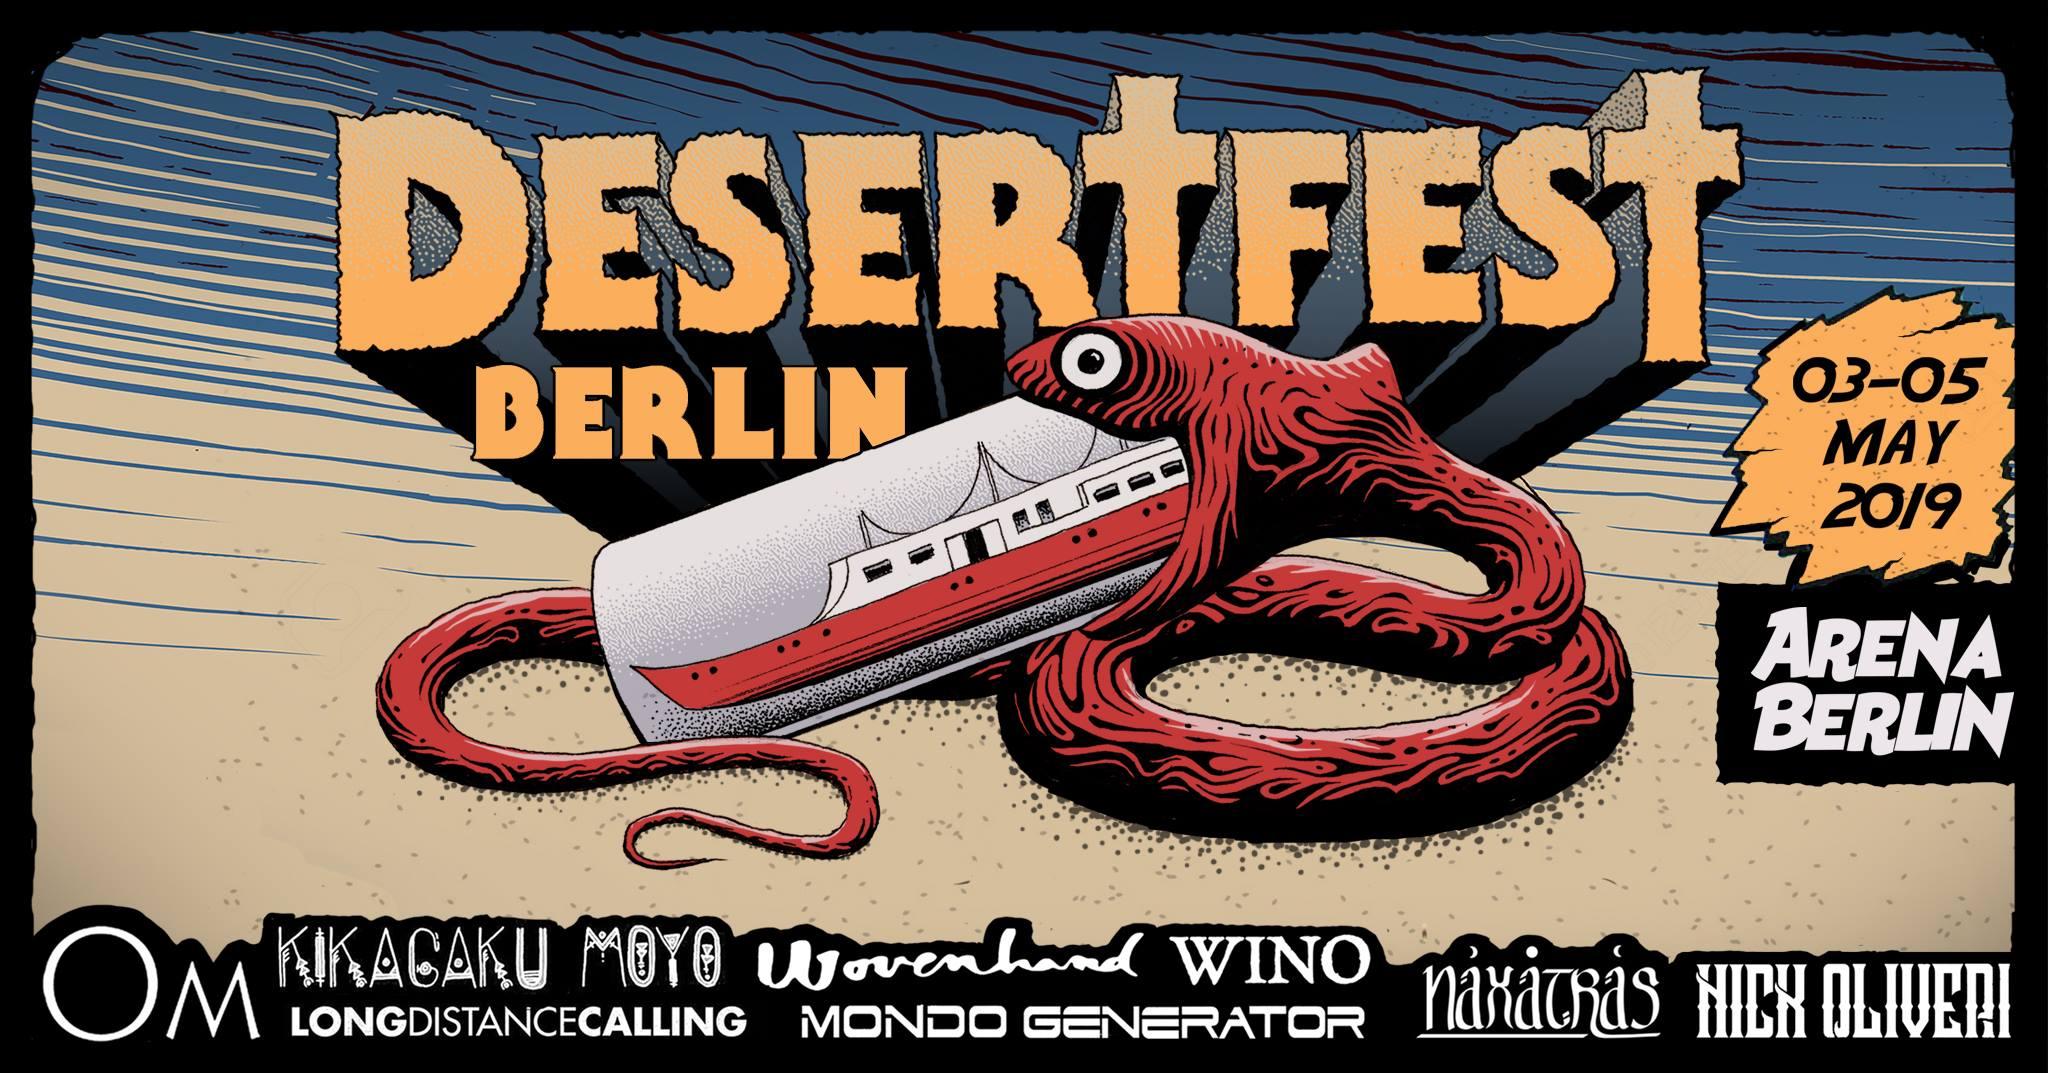 desertfest berlin 2019 banner